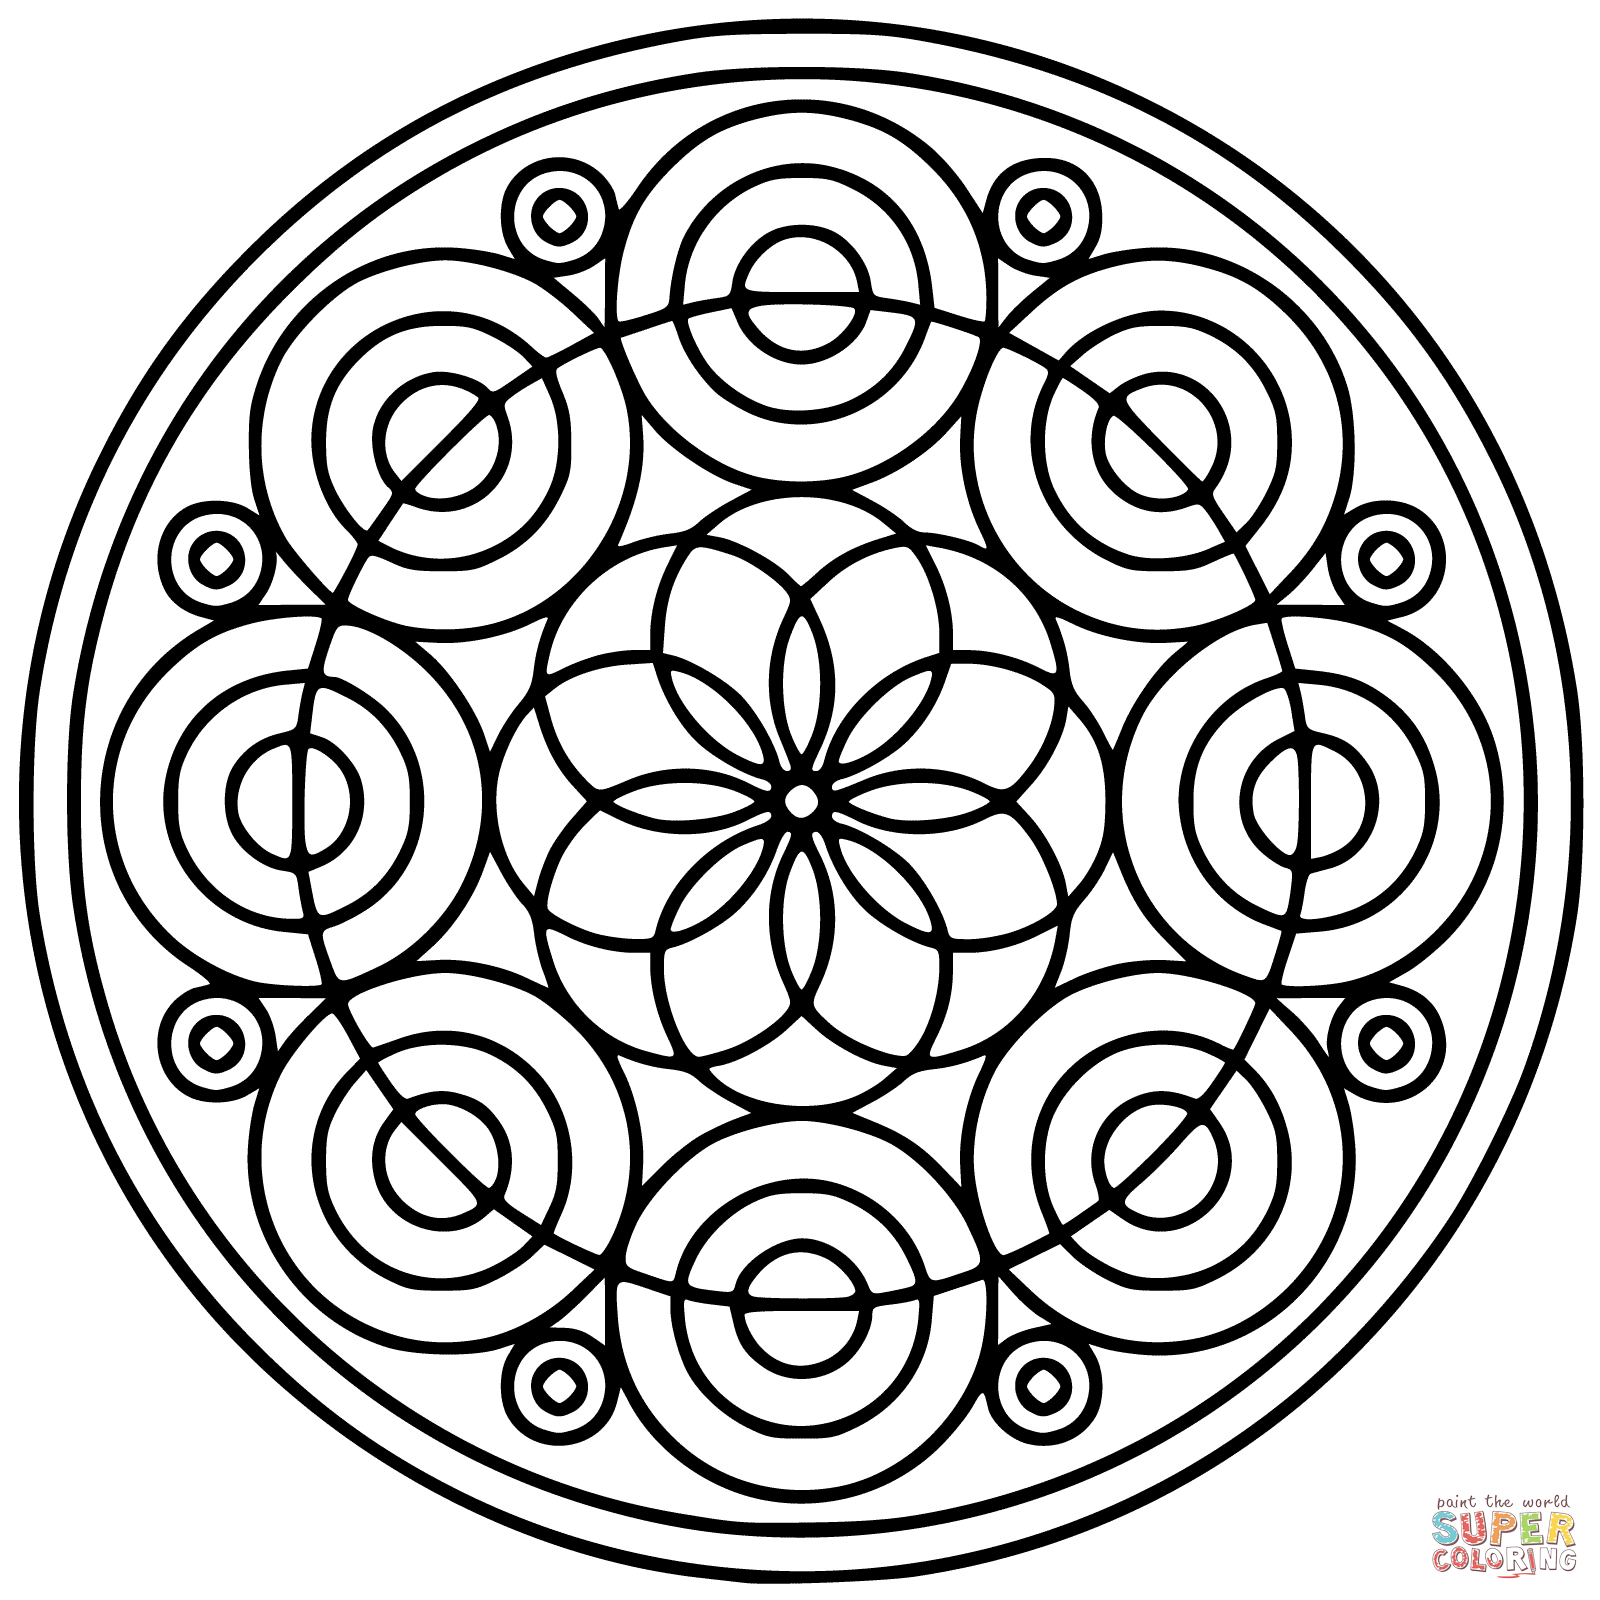 Coloriage - Mandala Cercle | Coloriages À Imprimer Gratuits tout Mandala À Imprimer Facile